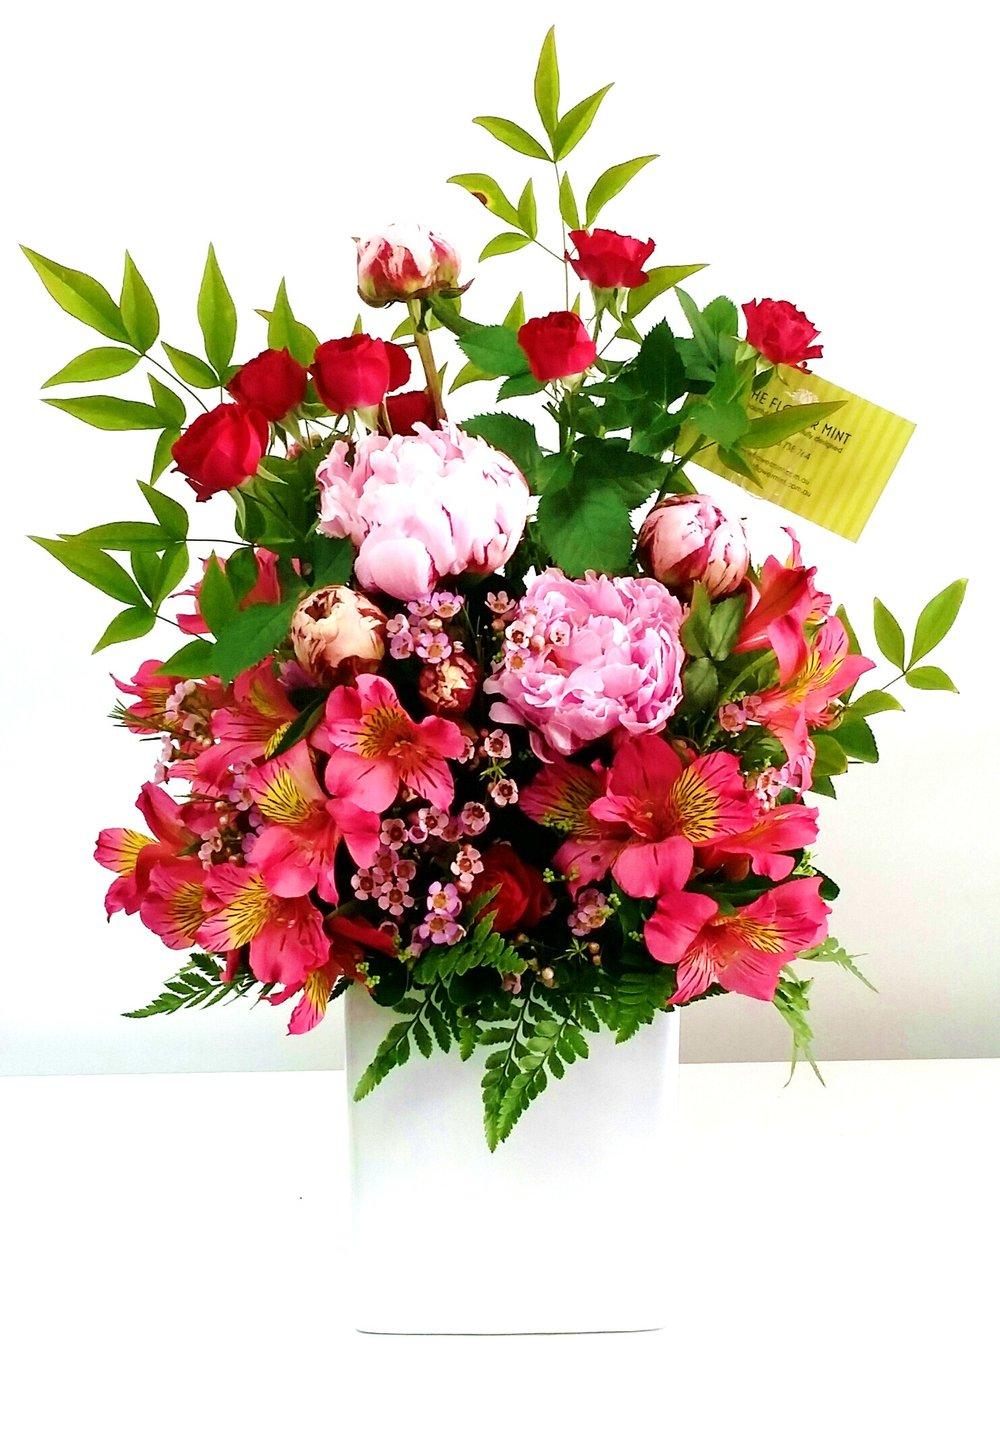 Bendigo florist